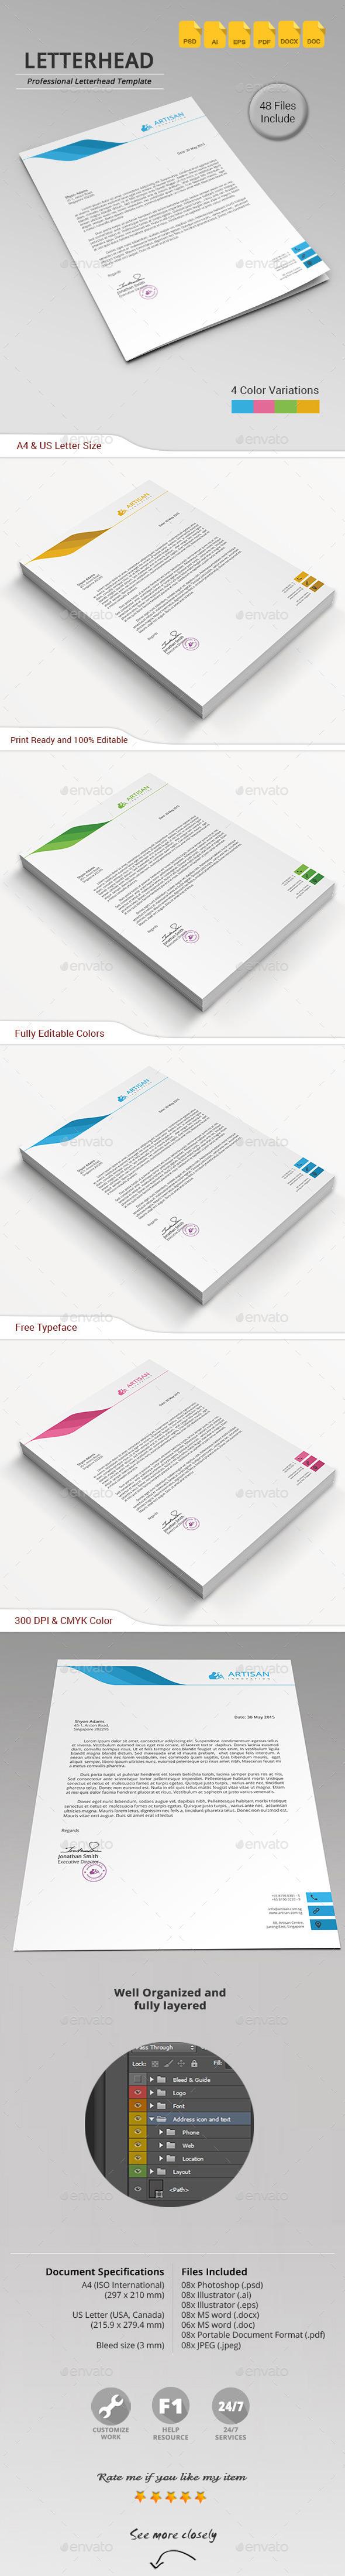 GraphicRiver Letterhead 11561574